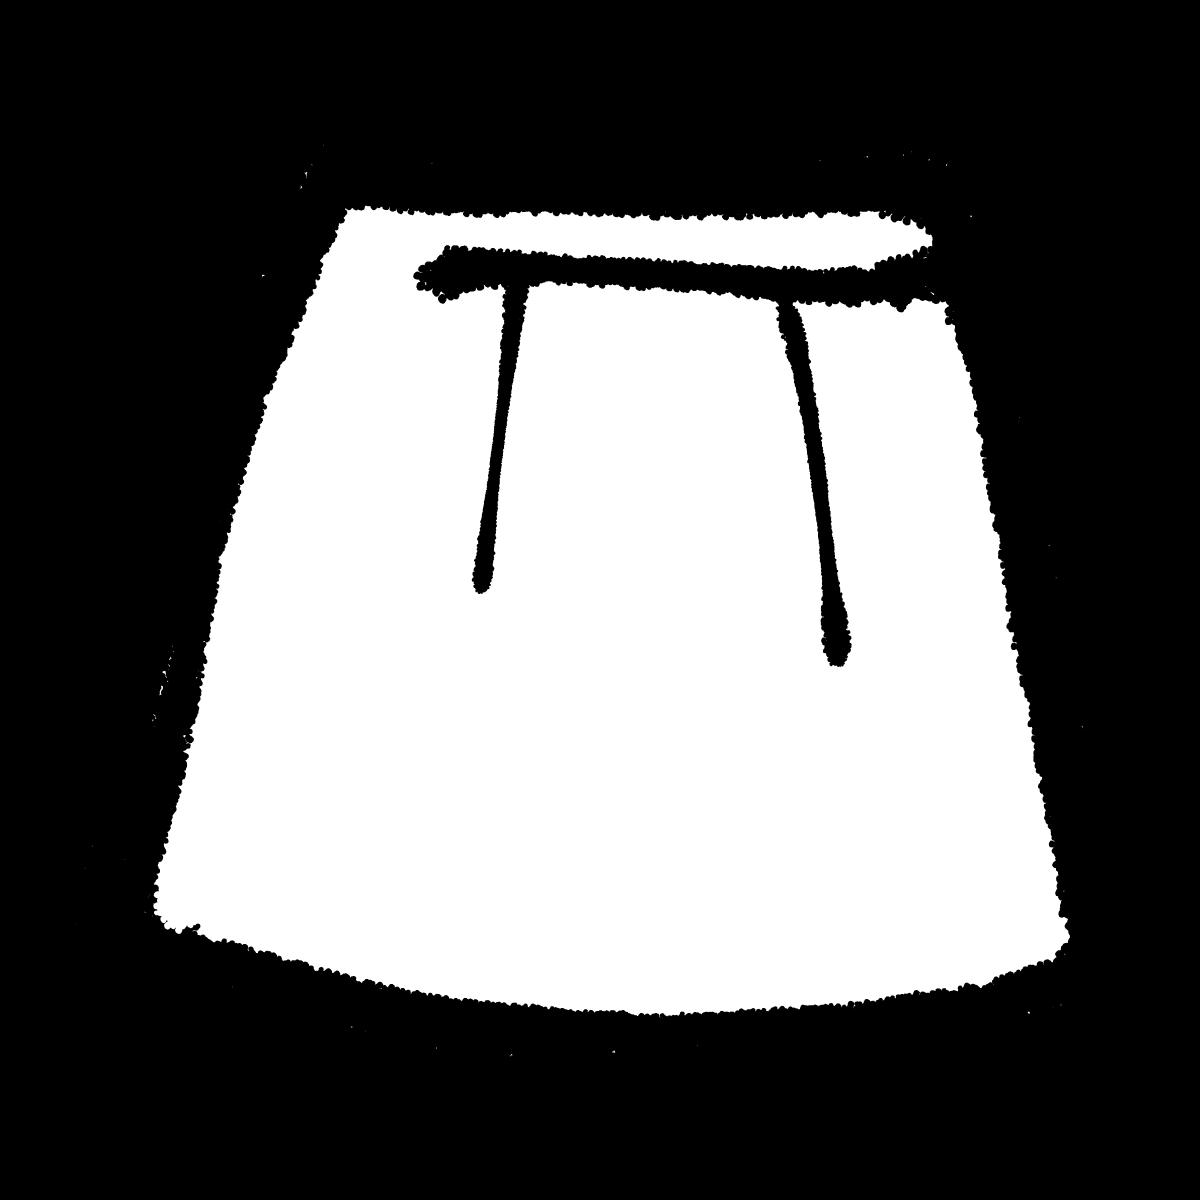 スカートのイラスト Skirt  Illustration